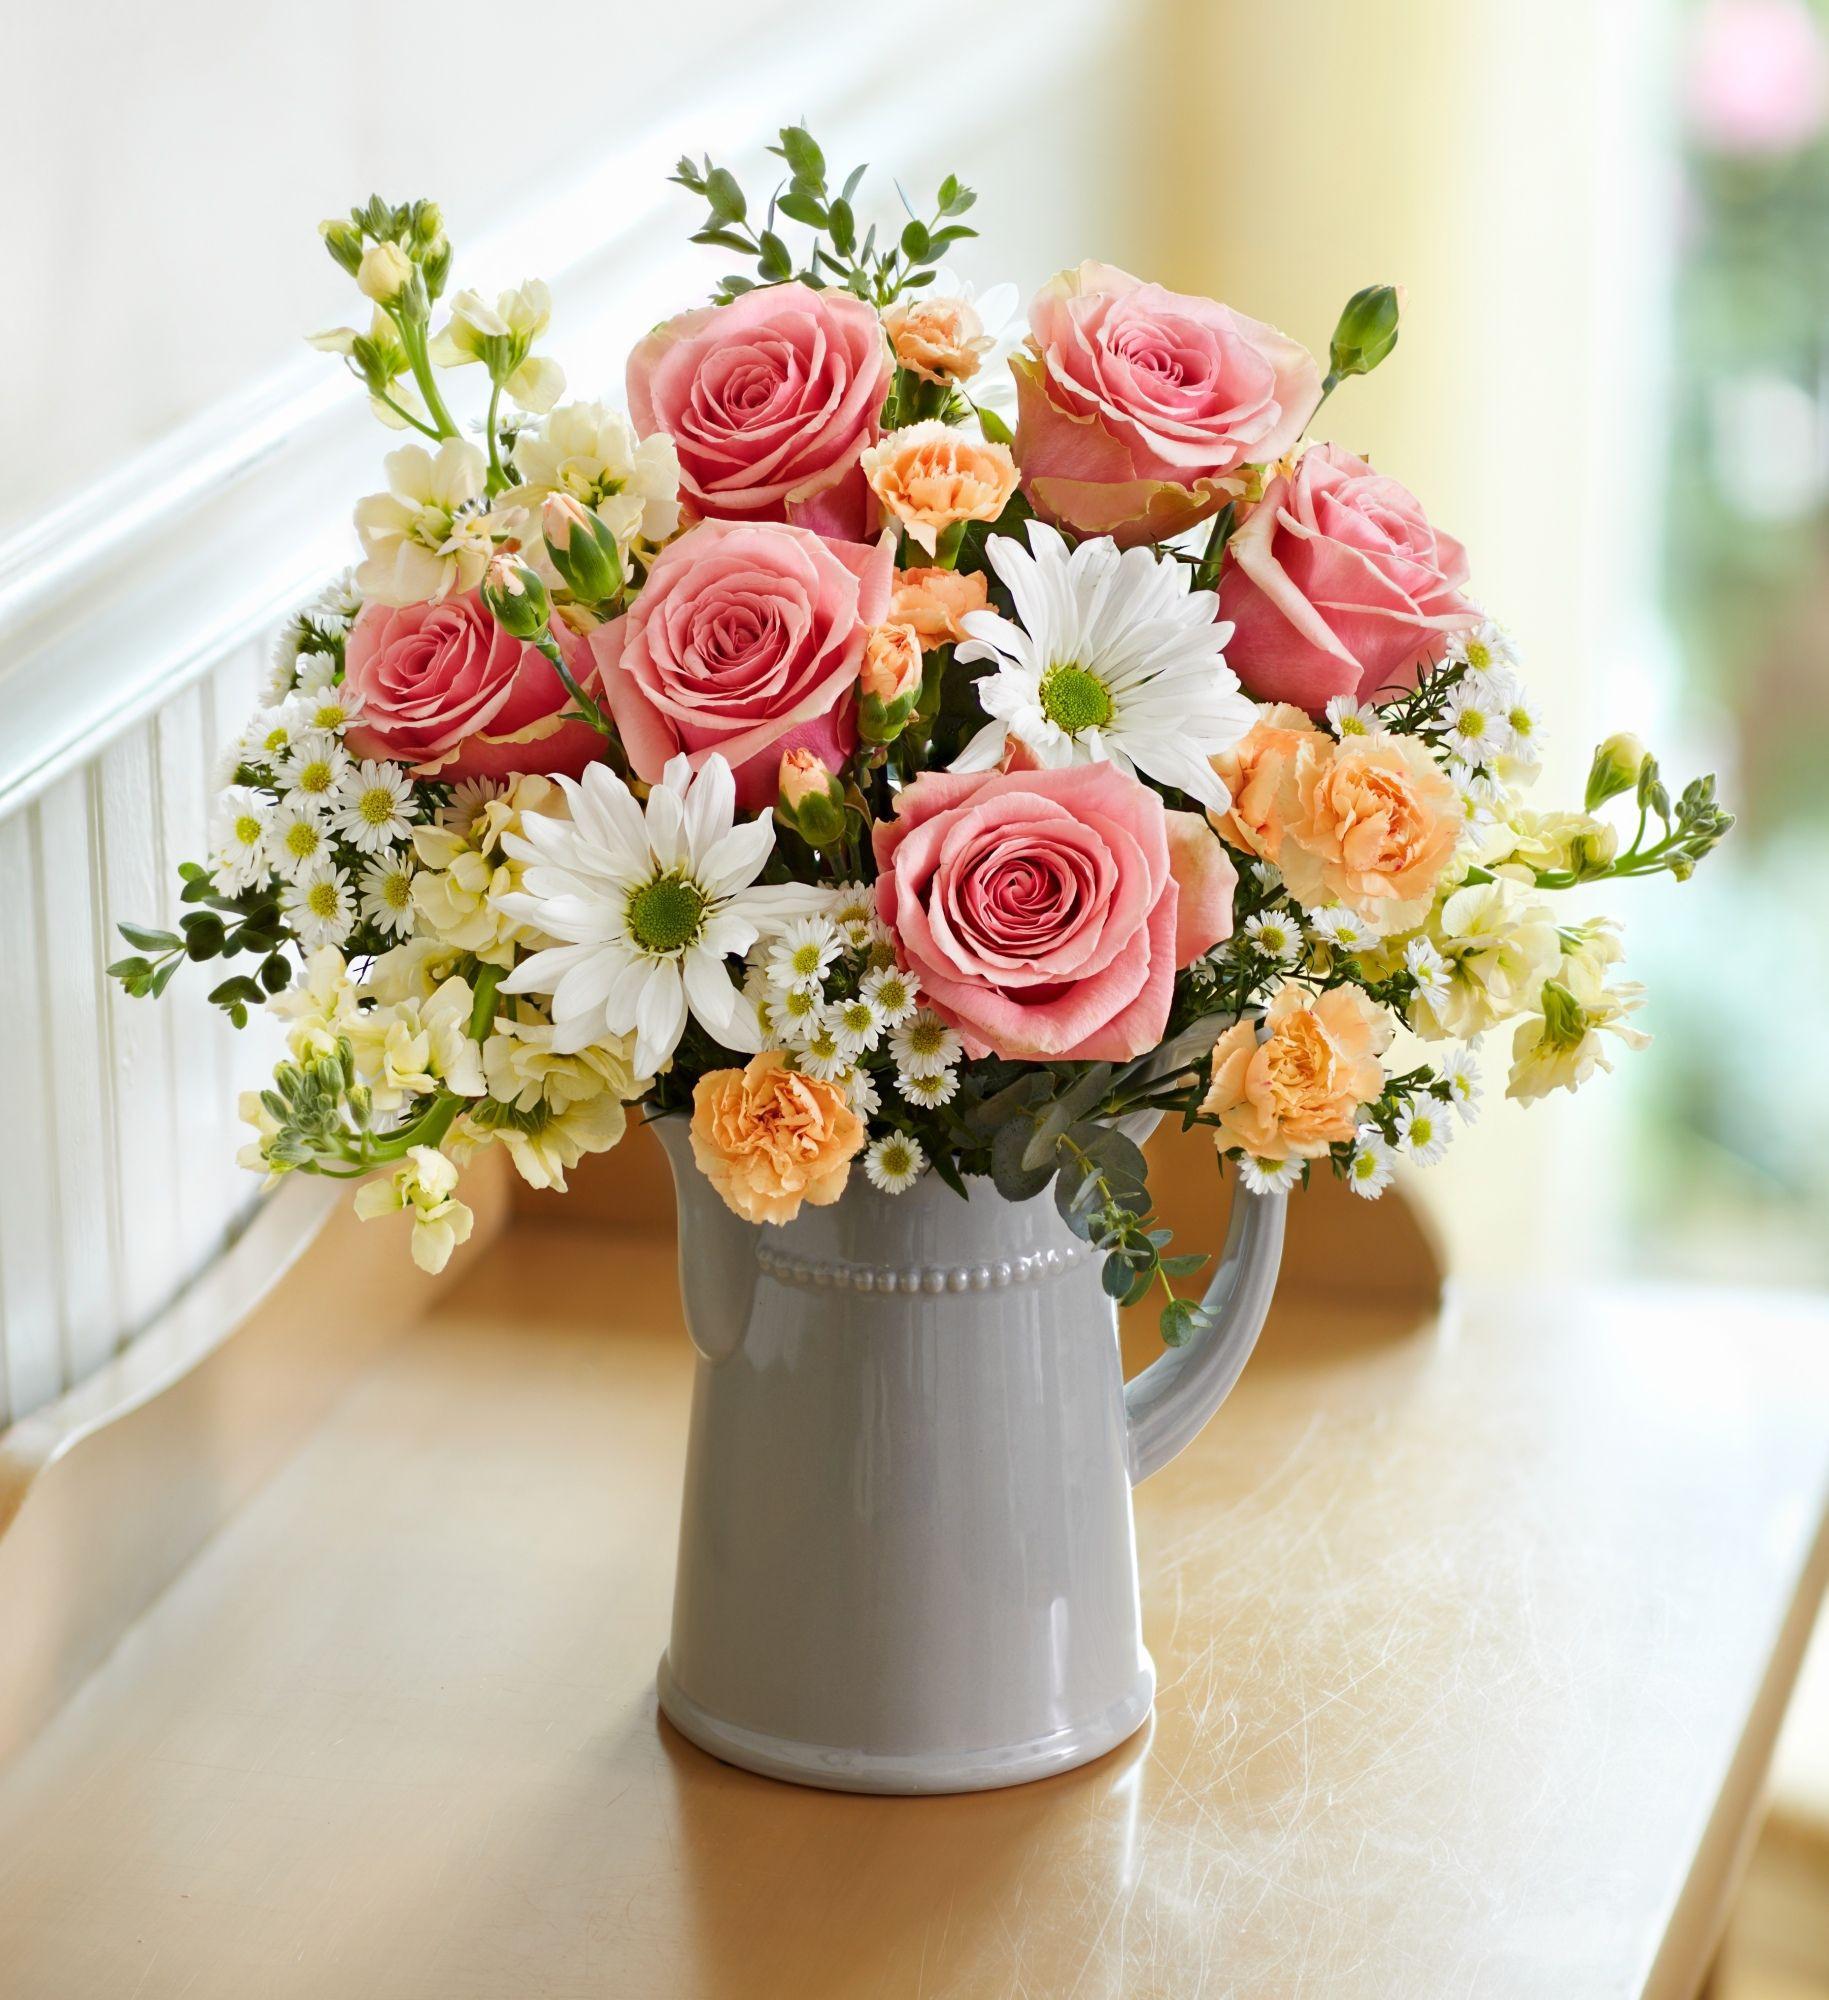 12 beautiful flower bouquets 12 gyönyörű virágcsokor Megaport Media